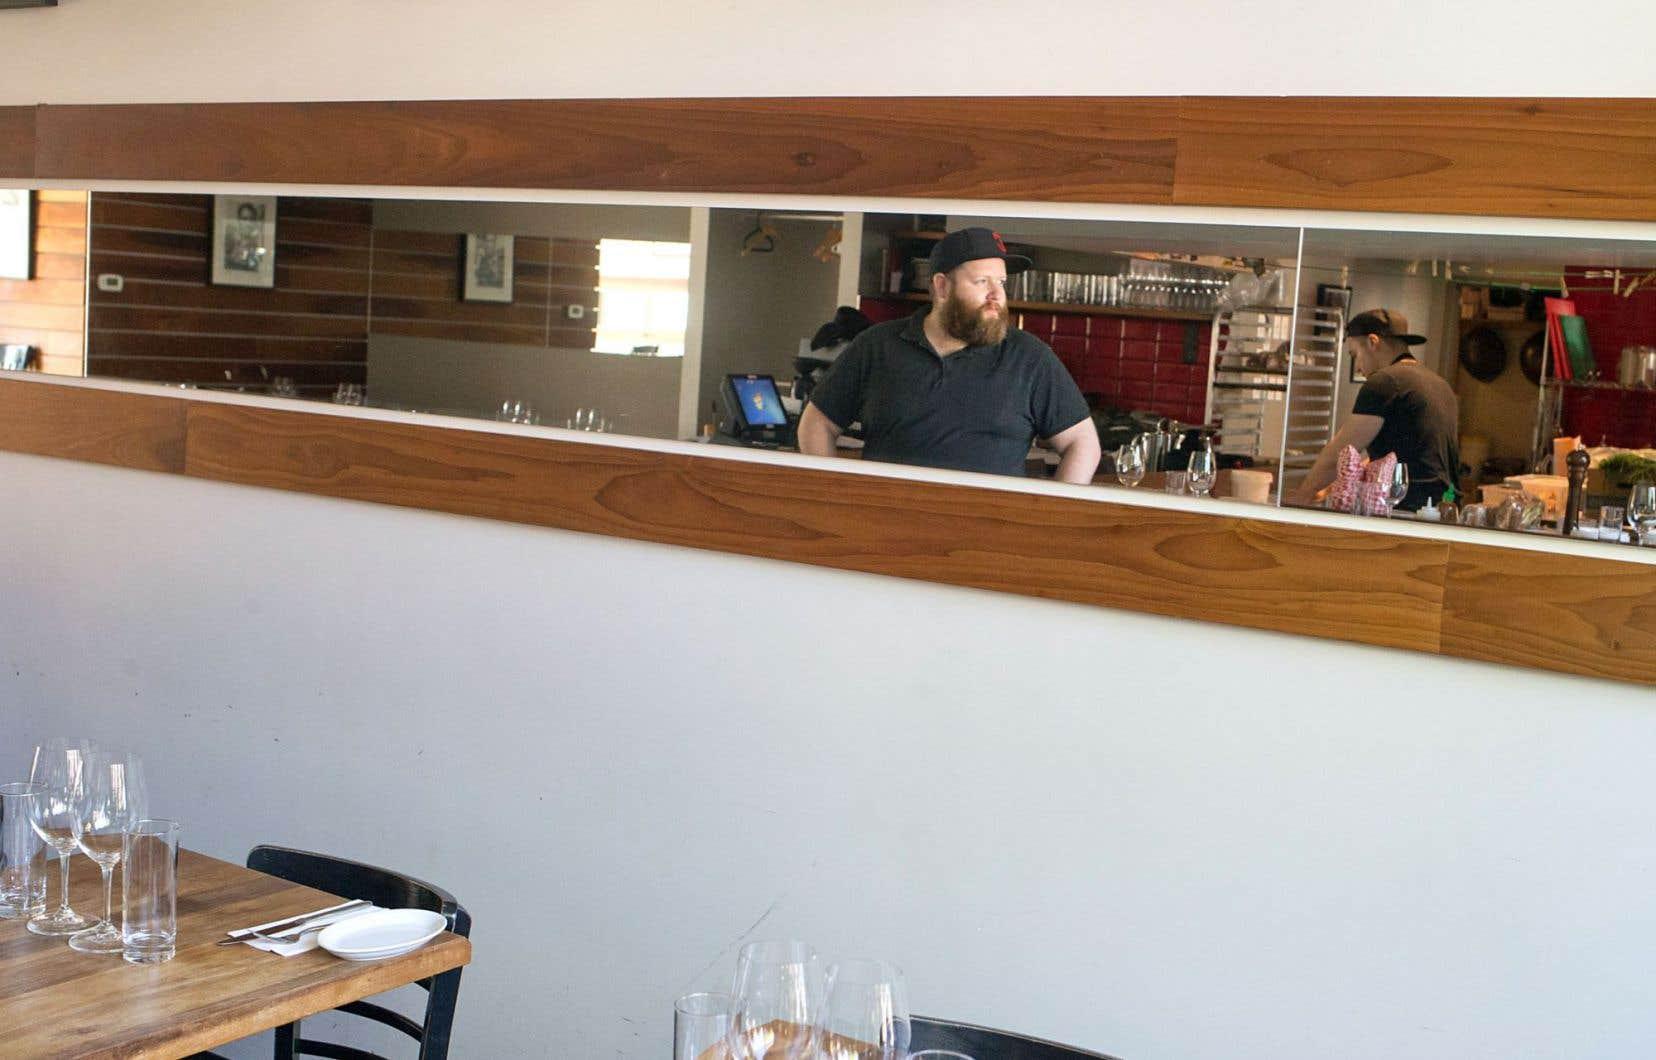 Le Dur à cuire a bien fait de choisir une rue calme du Vieux-Longueuil qui rend son restaurant encore plus intrigant, pas dur du tout et tout à fait satisfaisant pour qui cherche une bonne adresse sans prétention.